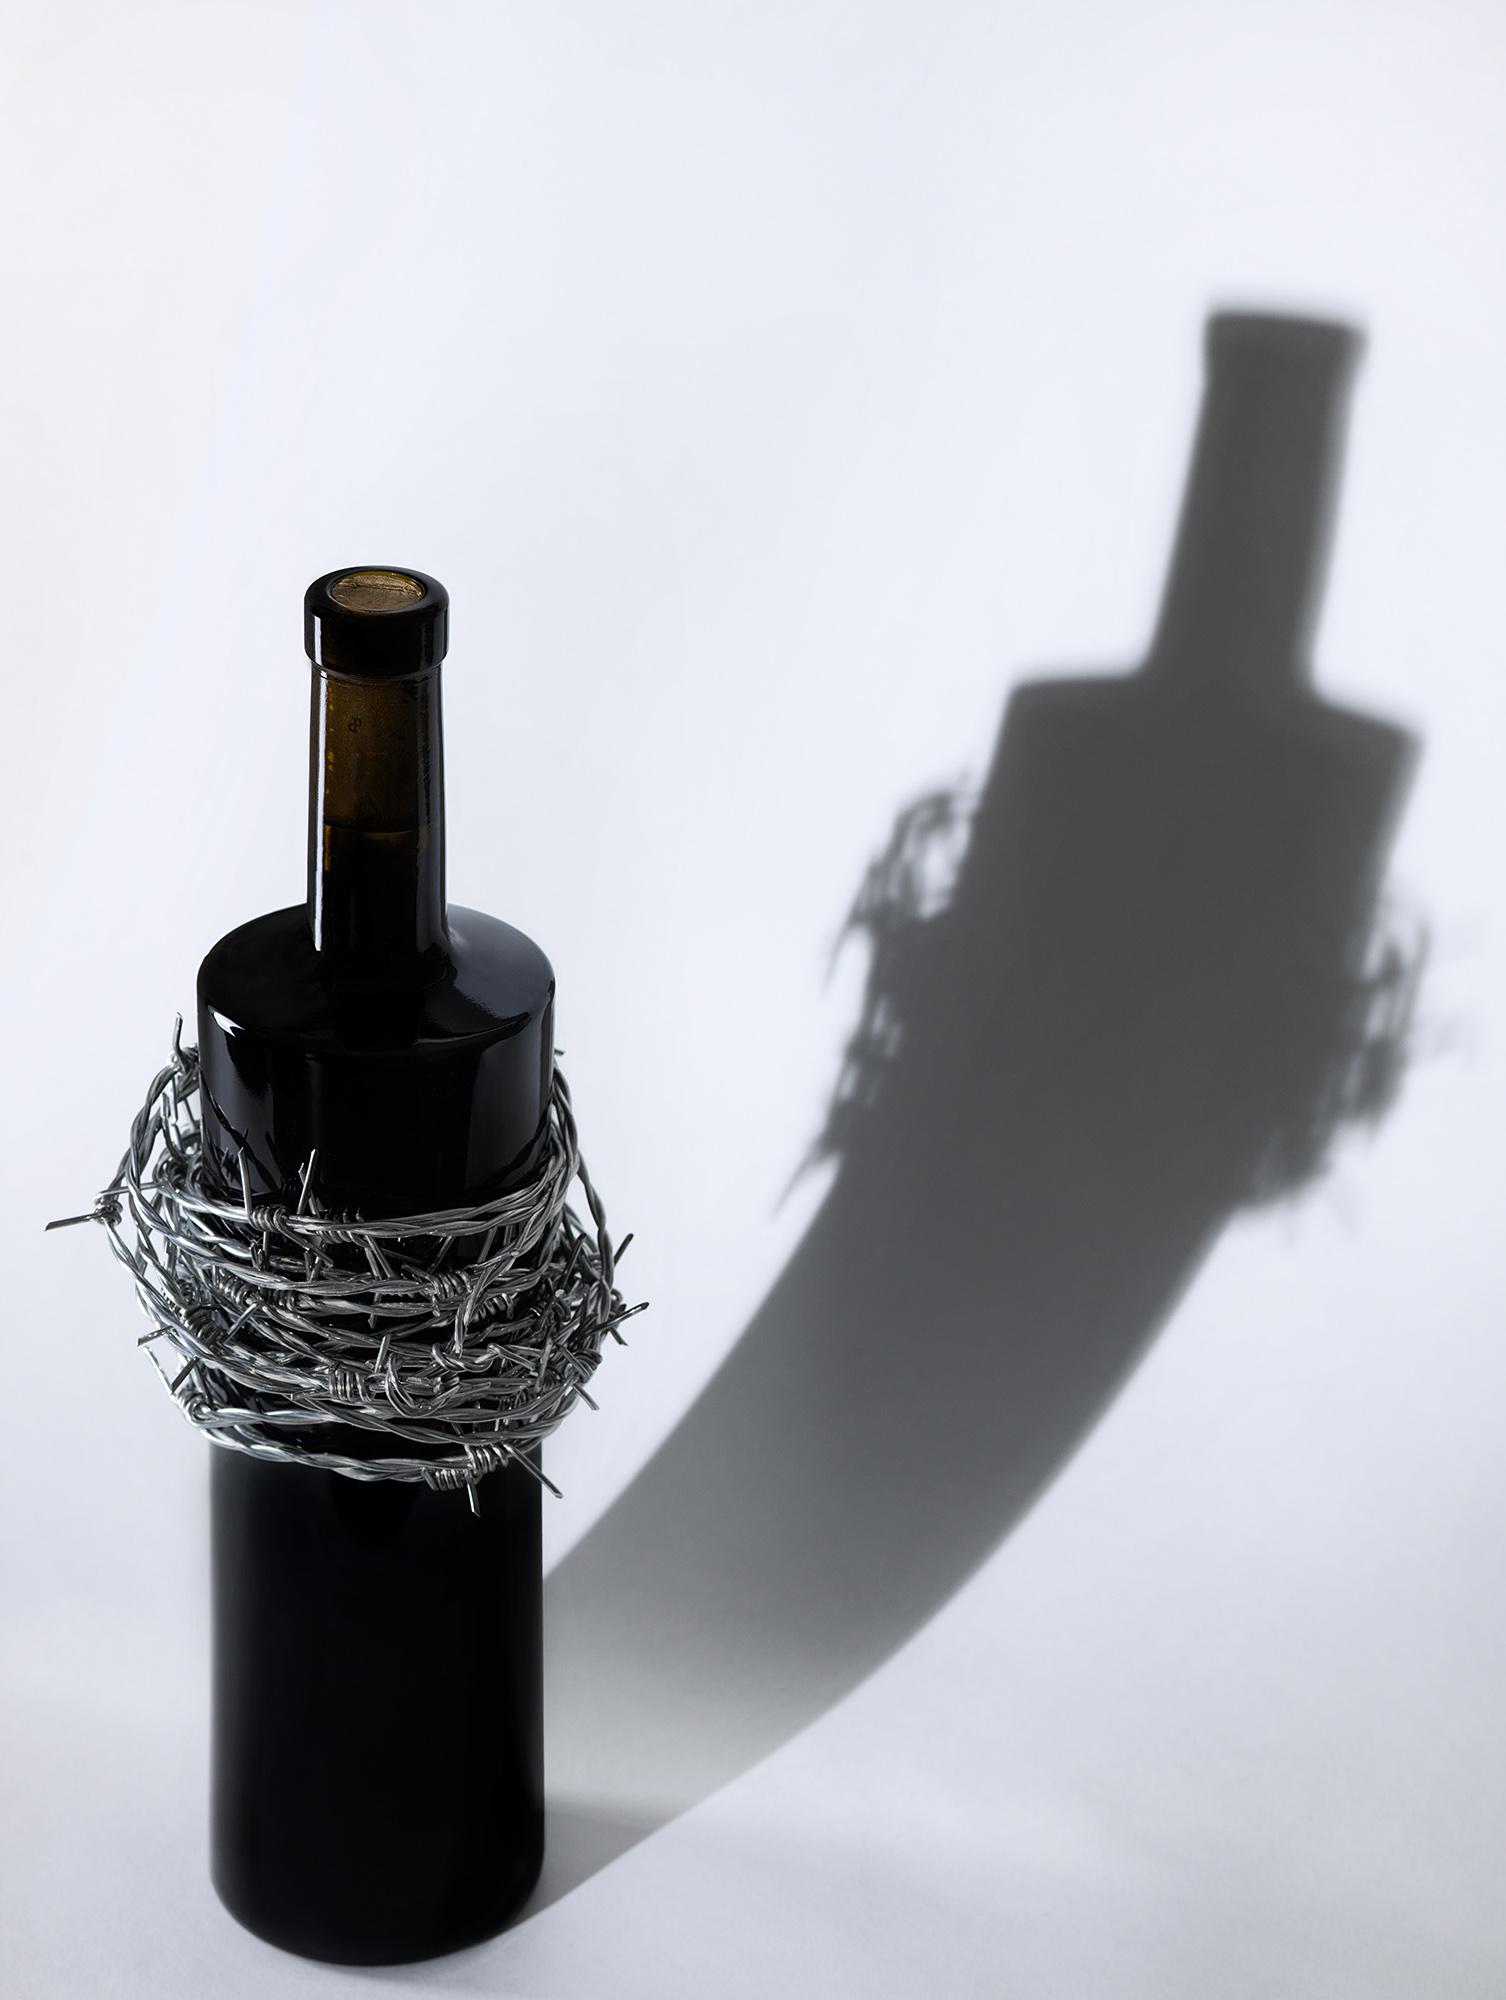 botella vino gil Berzal tinto bodega Rioja Alavesa Laguardia Rioja vitoria